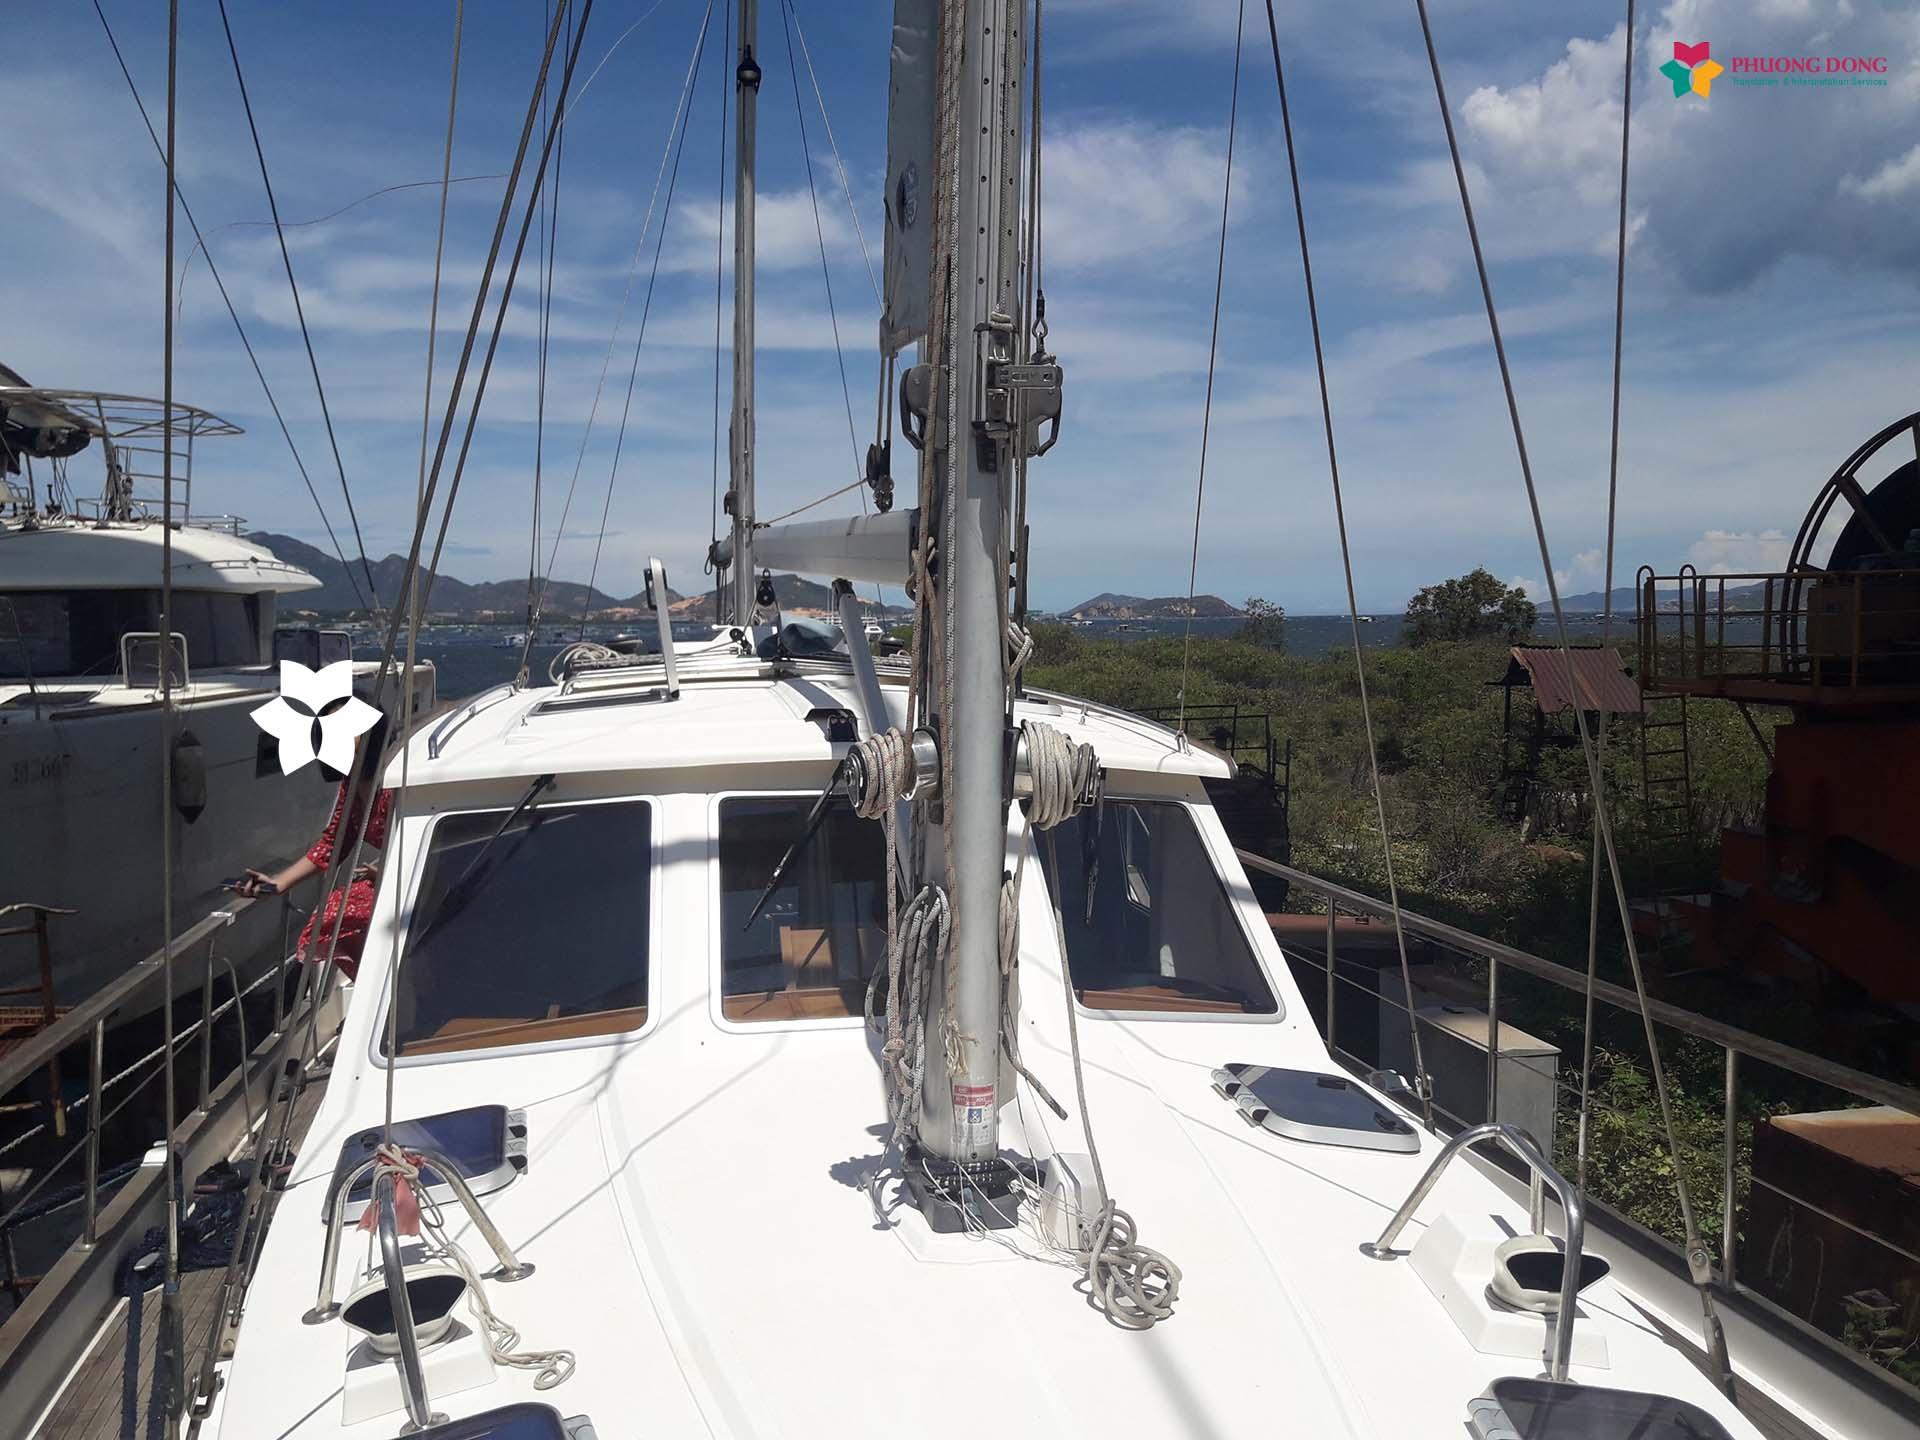 Phiên dịch tiếng Anh về du thuyền tại Cam Ranh - Khánh Hòa 7